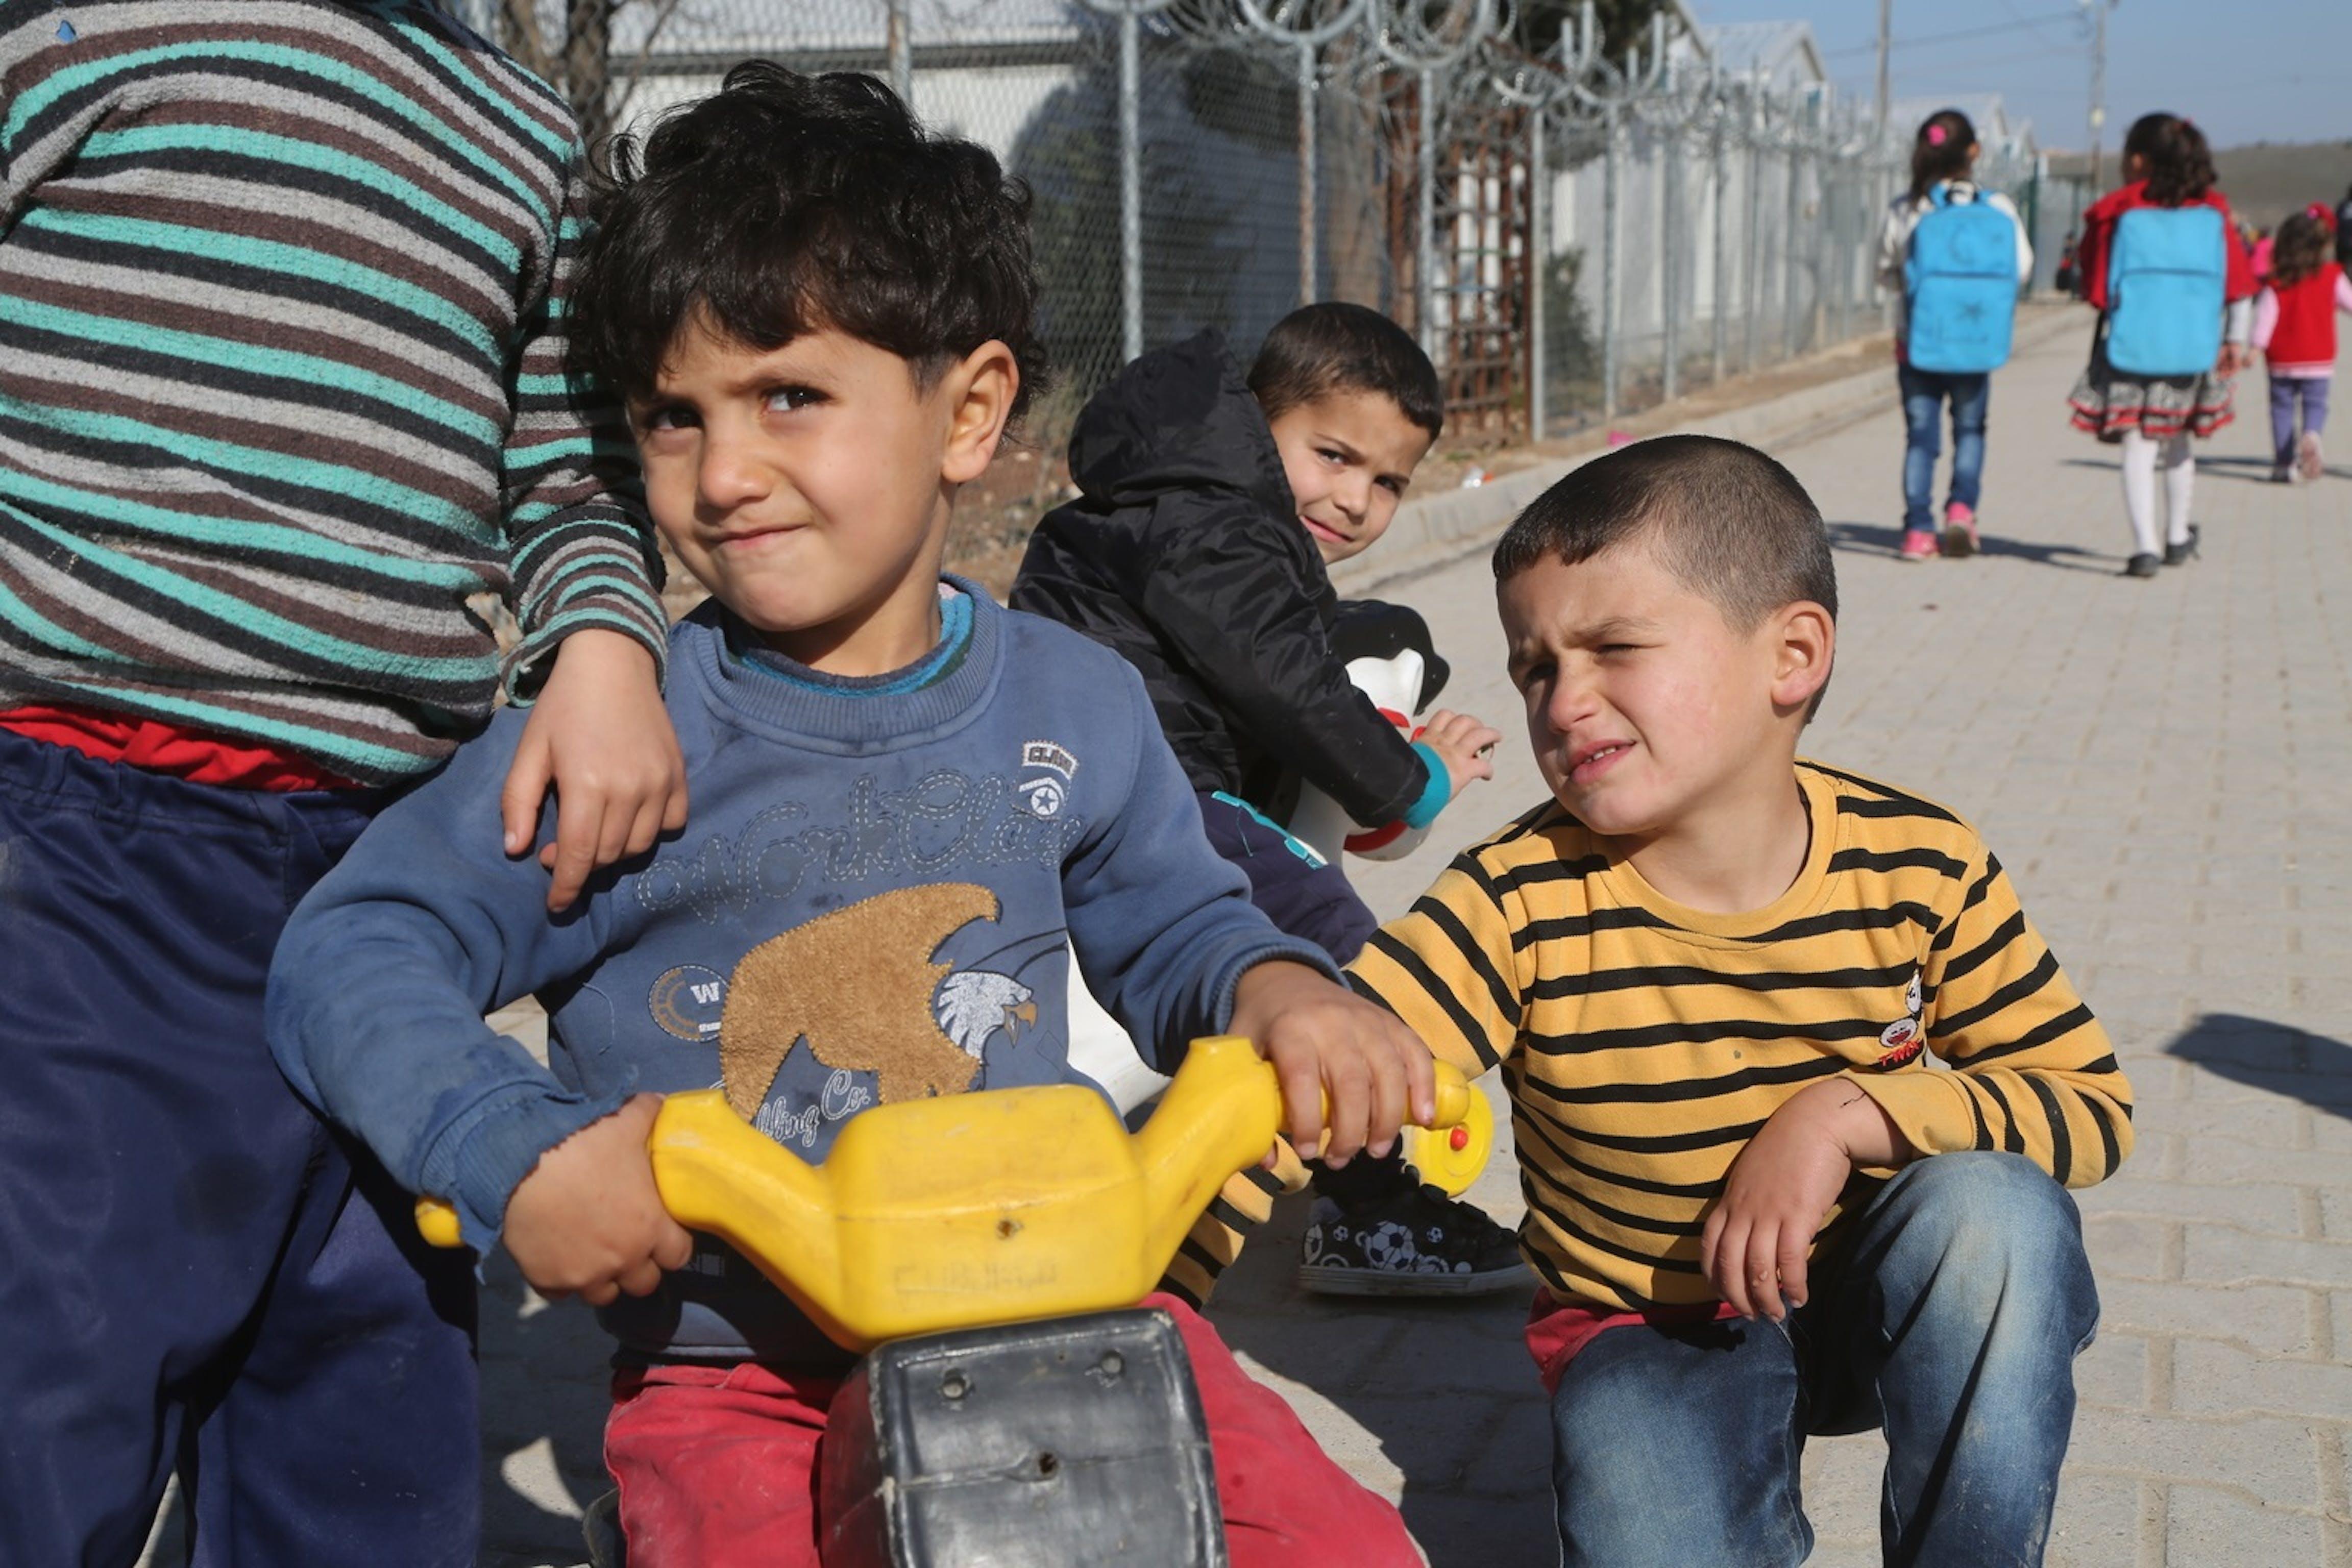 Bambini siriani nel campo profughi Nizip 1 a Gaziantep, nel sud della Turchia. In questo campo vivono circa 5.000 bambini - ©UNICEF/UN048837/Ergen